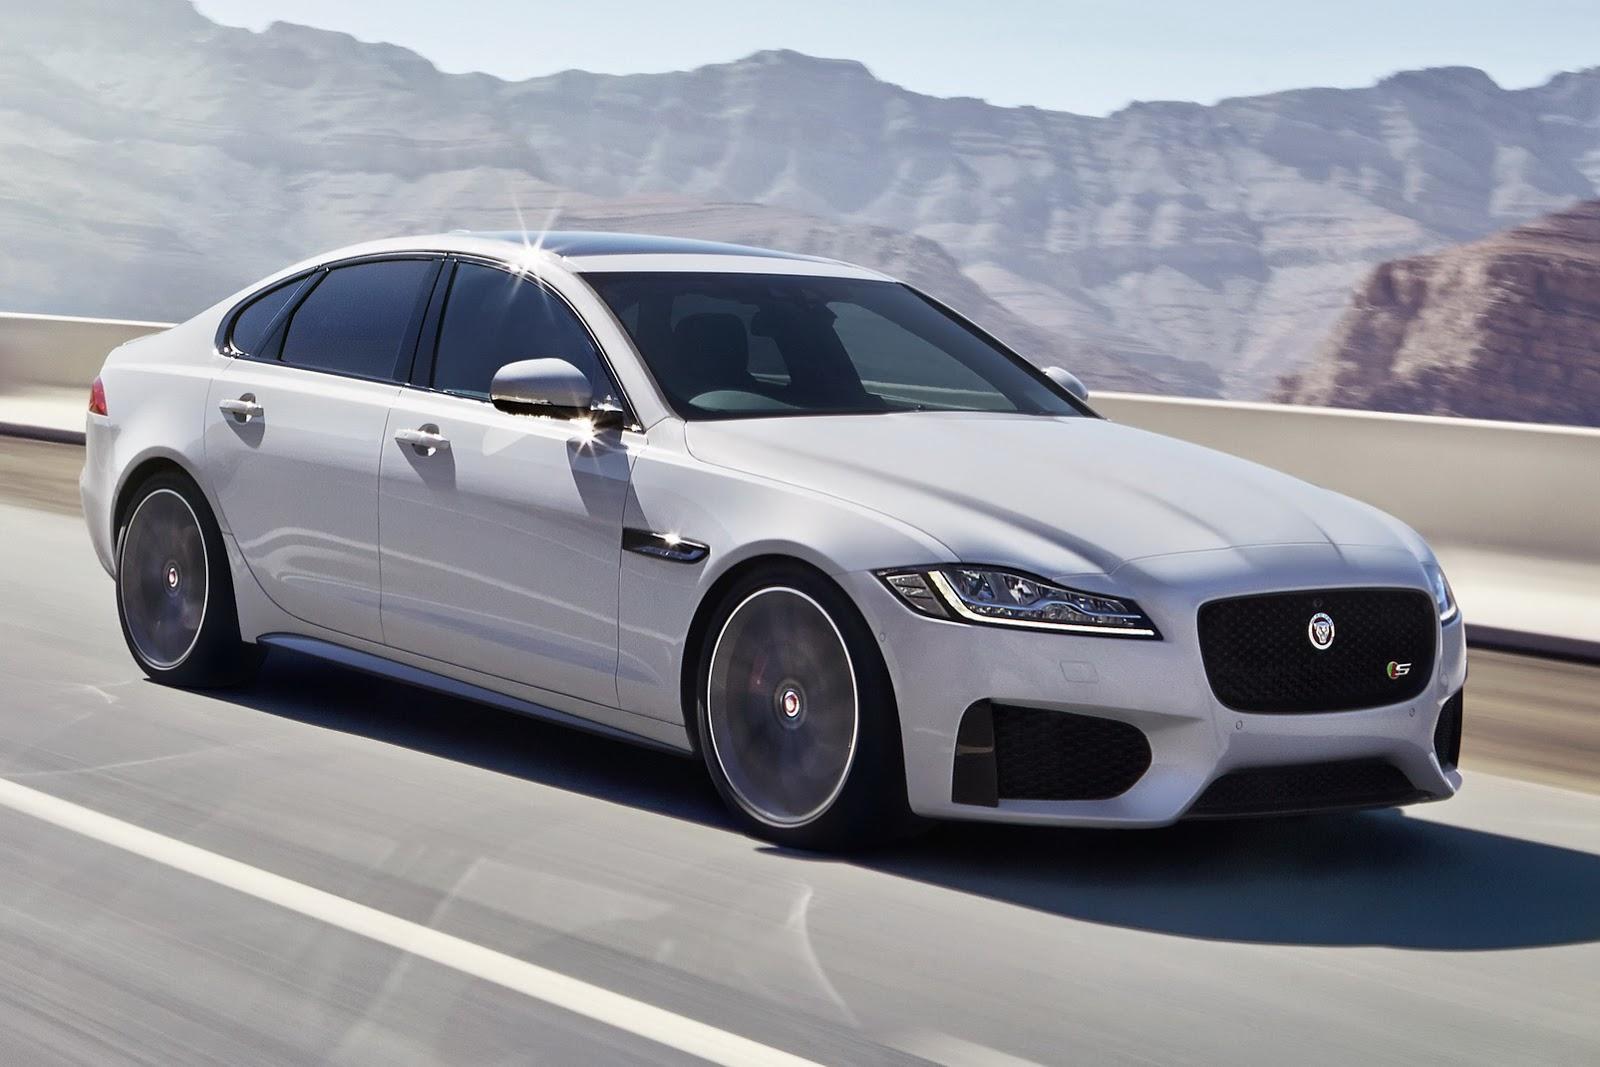 Специально для Auto China 2016, марка Jaguar создала удлиненный XFL 1